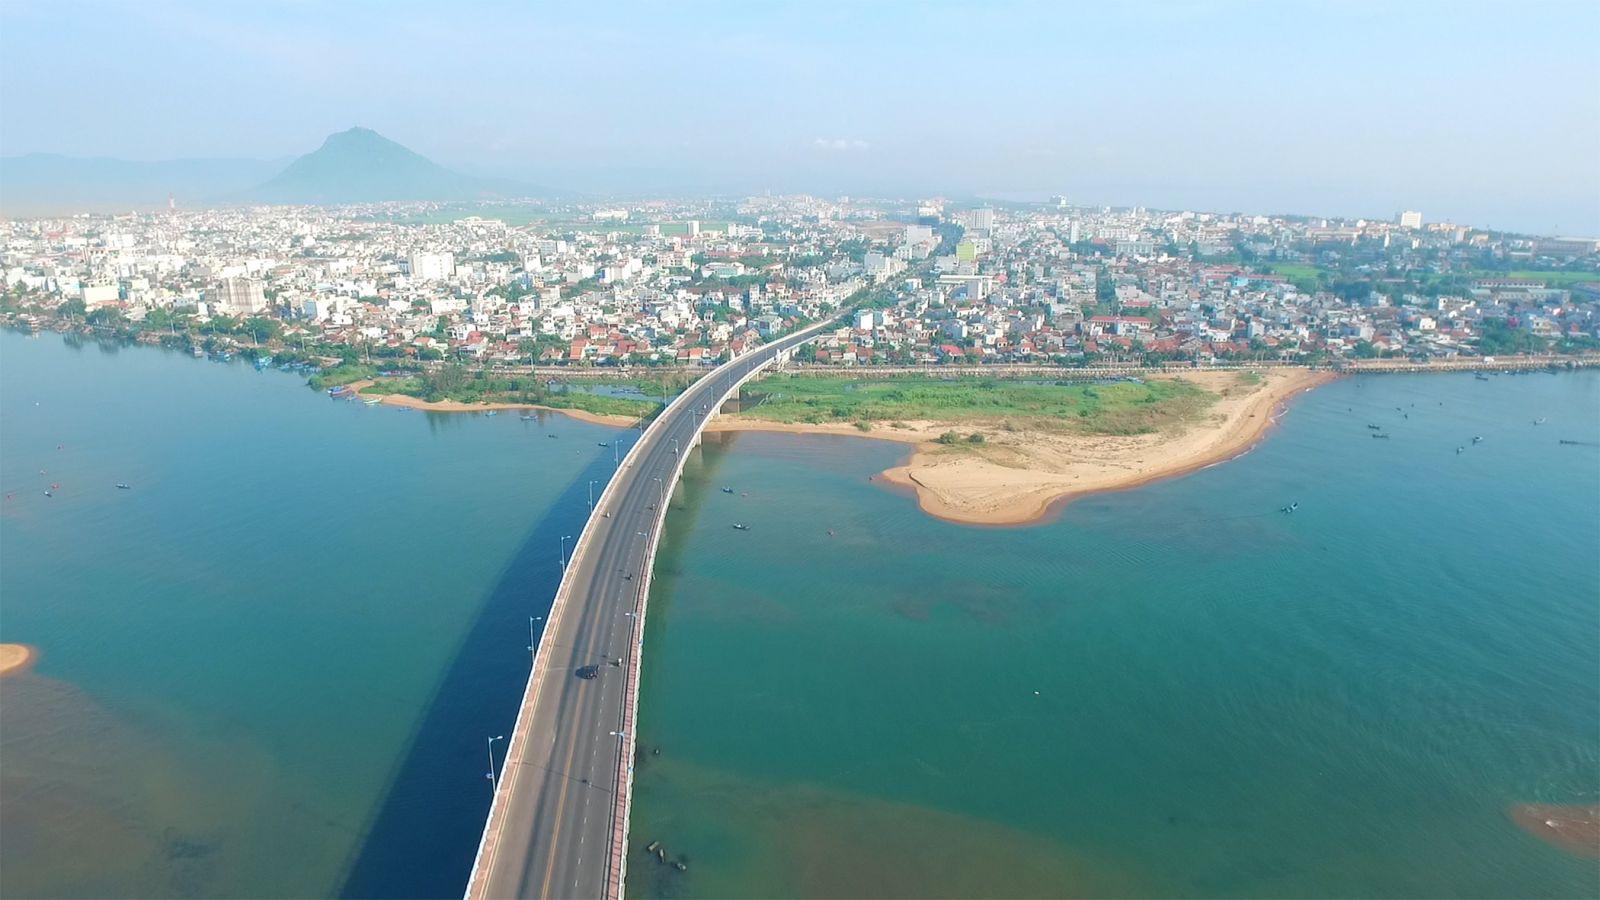 Cầu Hùng Vương bắc qua sông Đà Rằng